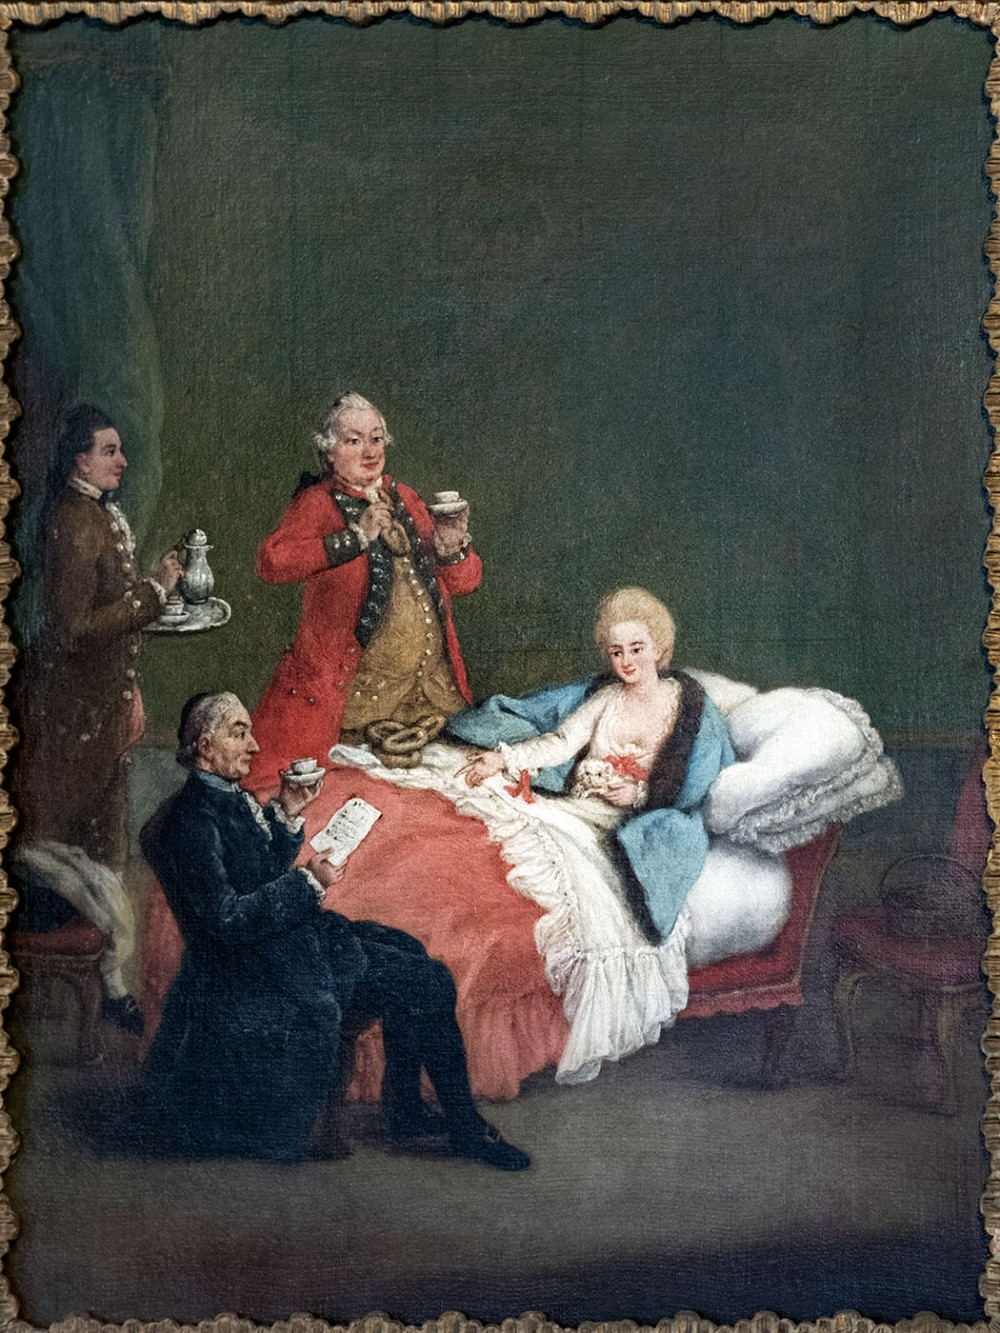 Pietro Longhi. El chocolate de la mañana. Hacia 1775-1780. Ca' Rezzonico. Venecia.